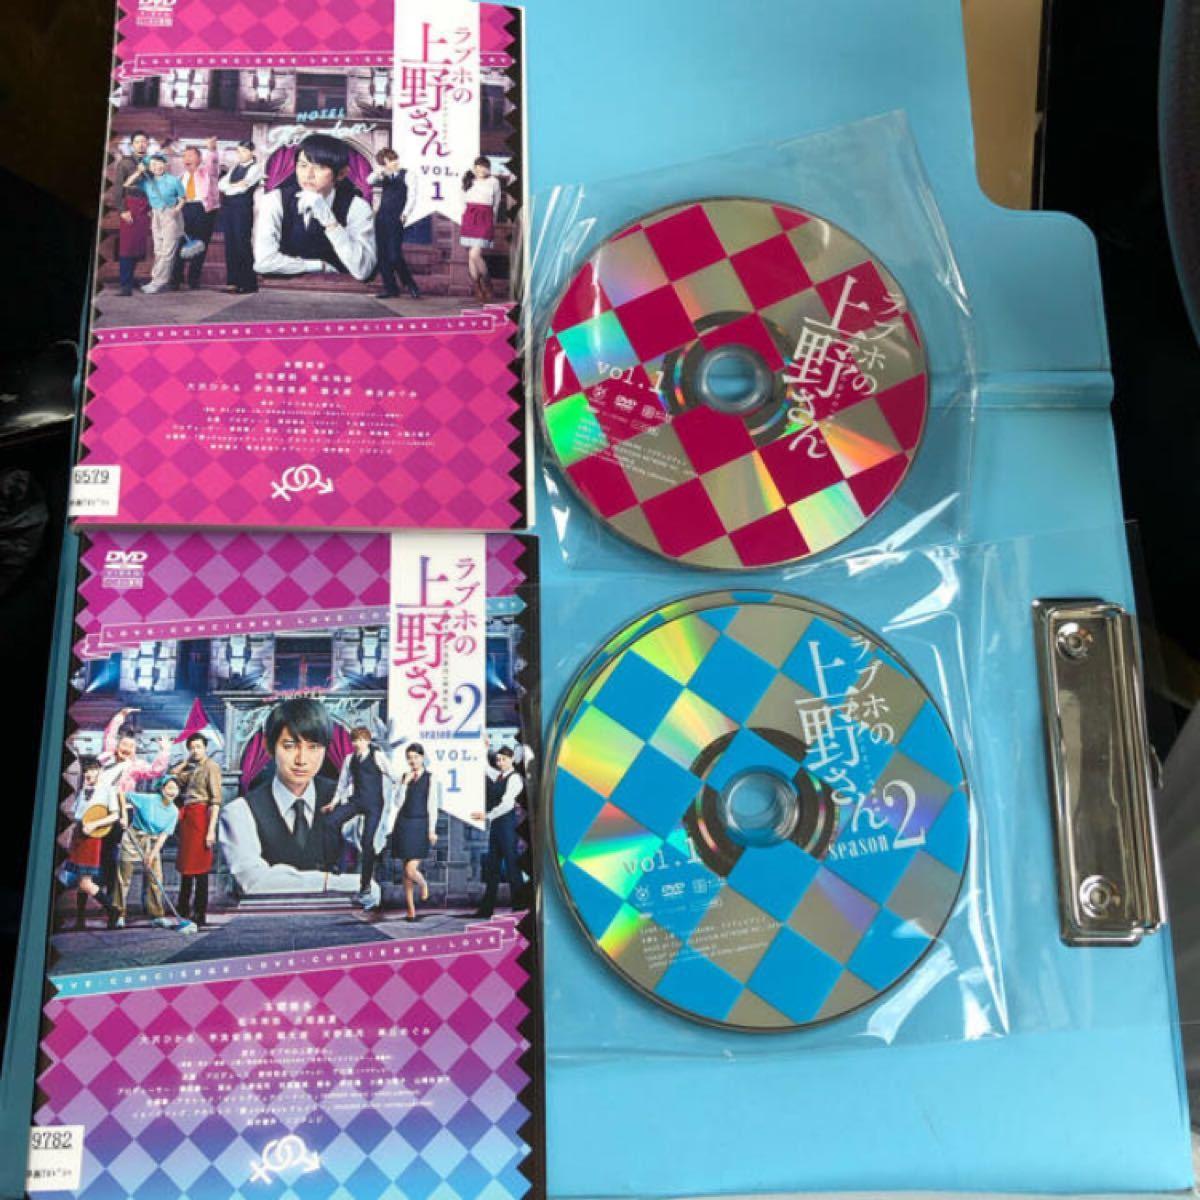 ラブホの上野さん season1+season2 DVD 全巻セット